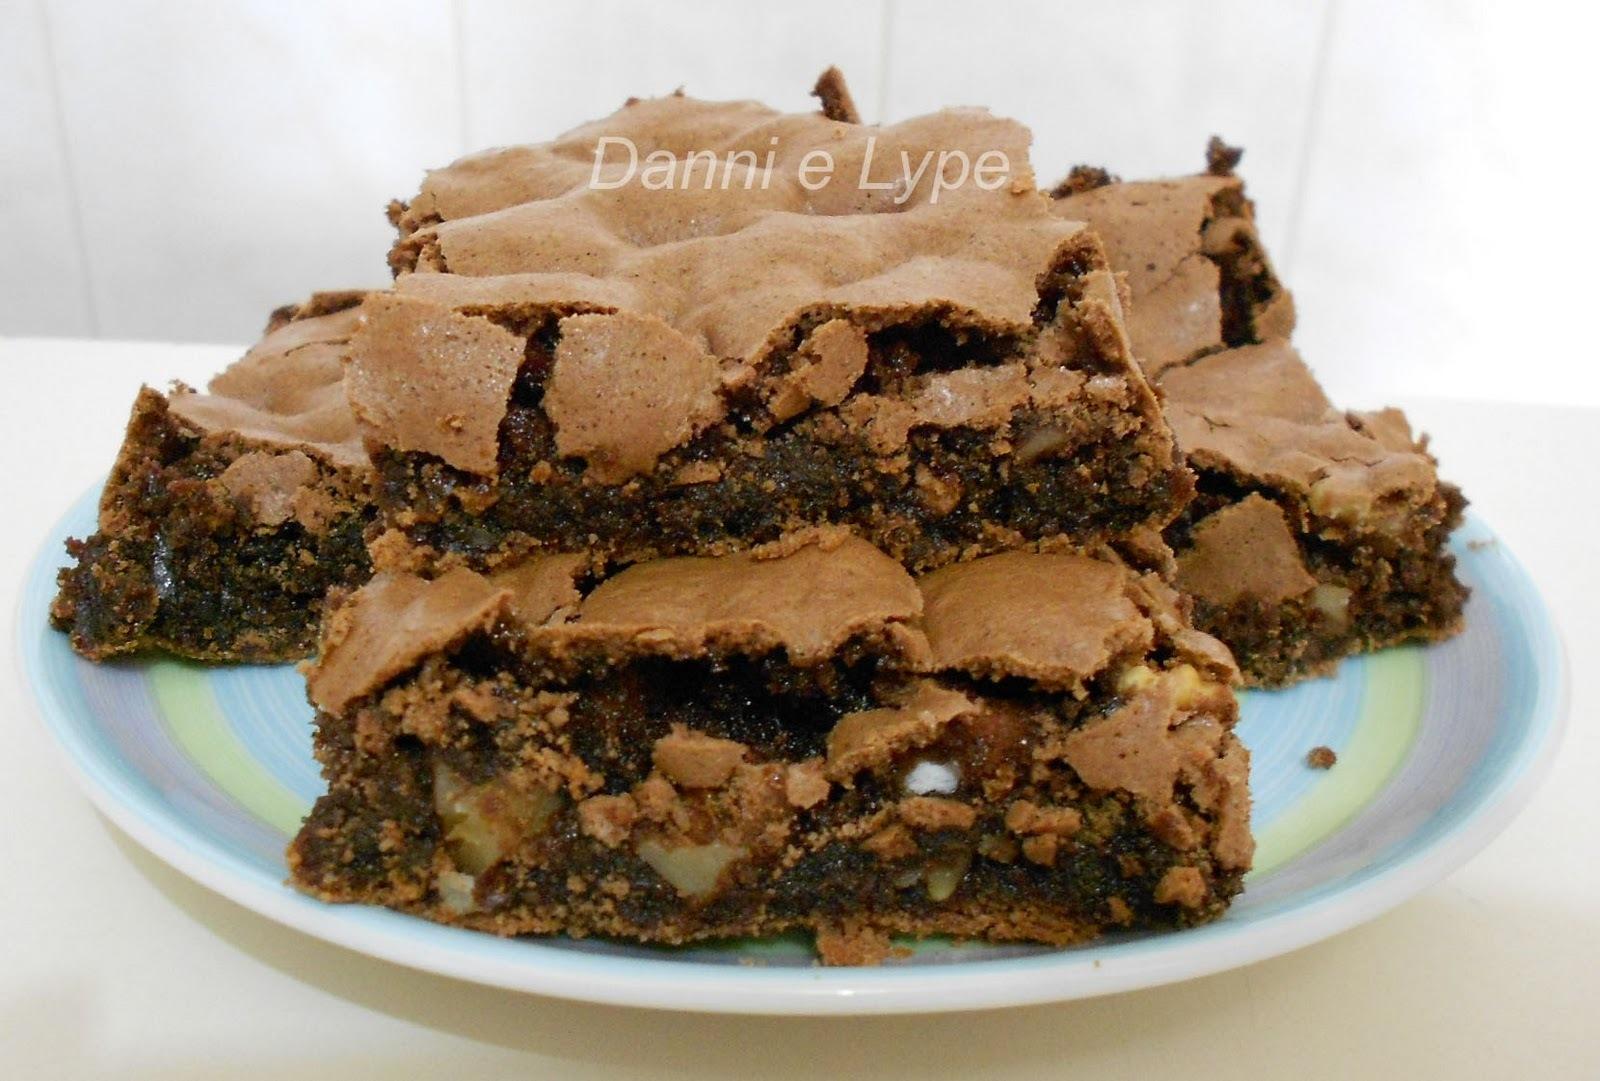 sobremesa de chocolate meio amargo com nozes e chocolate branco